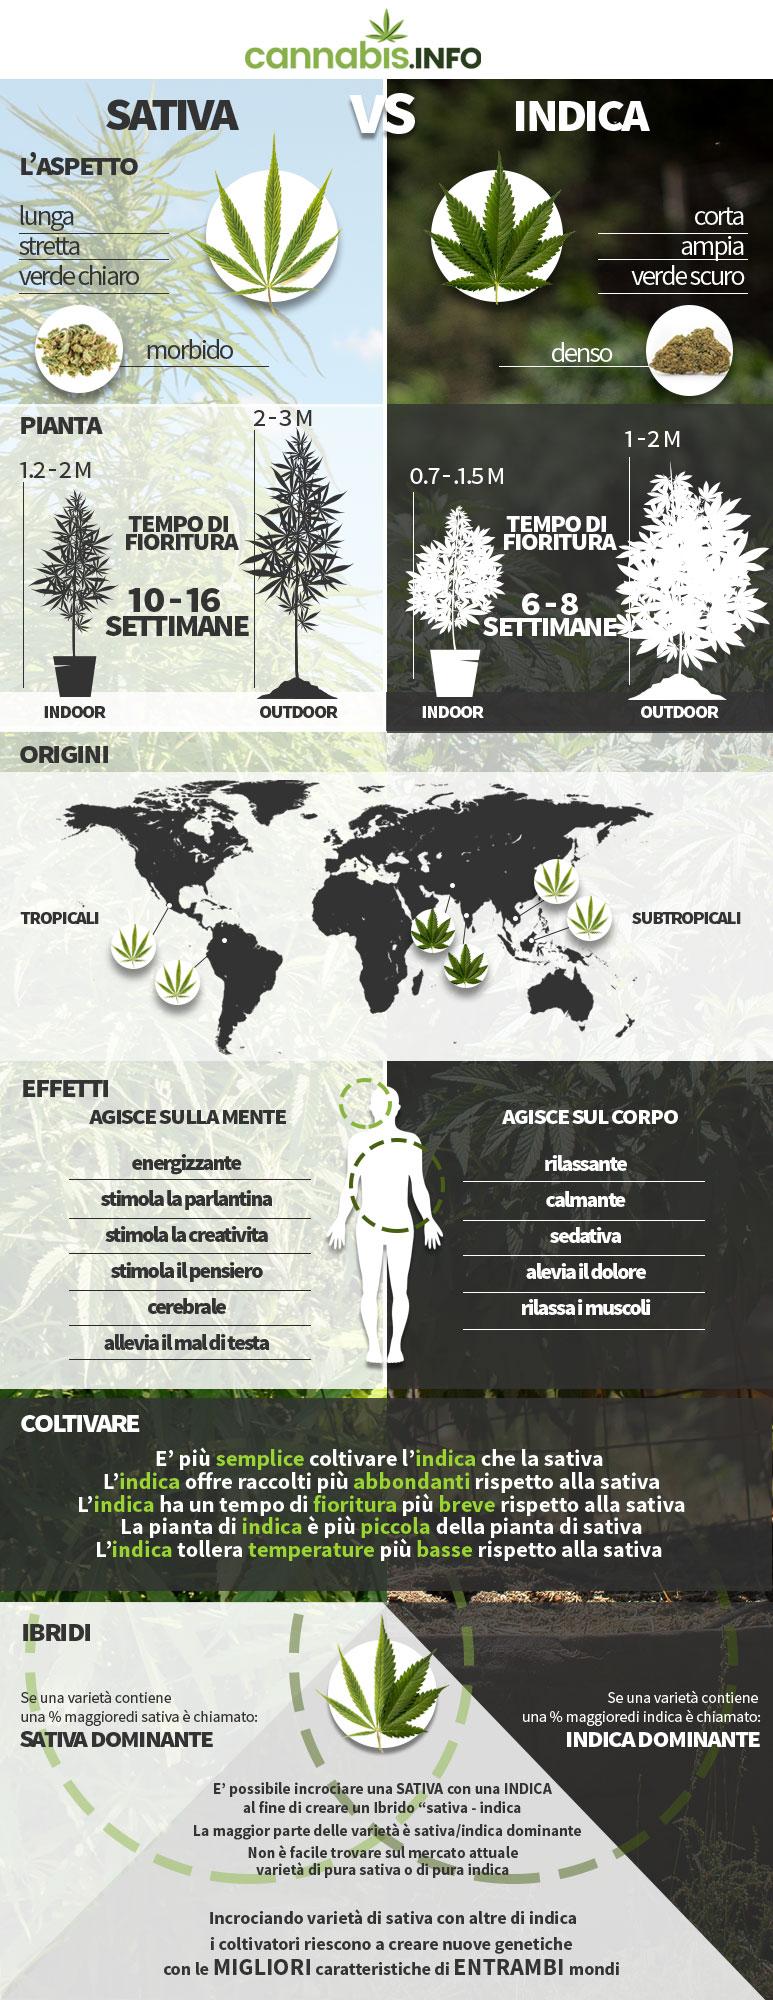 Le differenze tra piante di cannabis sativa, indica, ruderalis e ibride